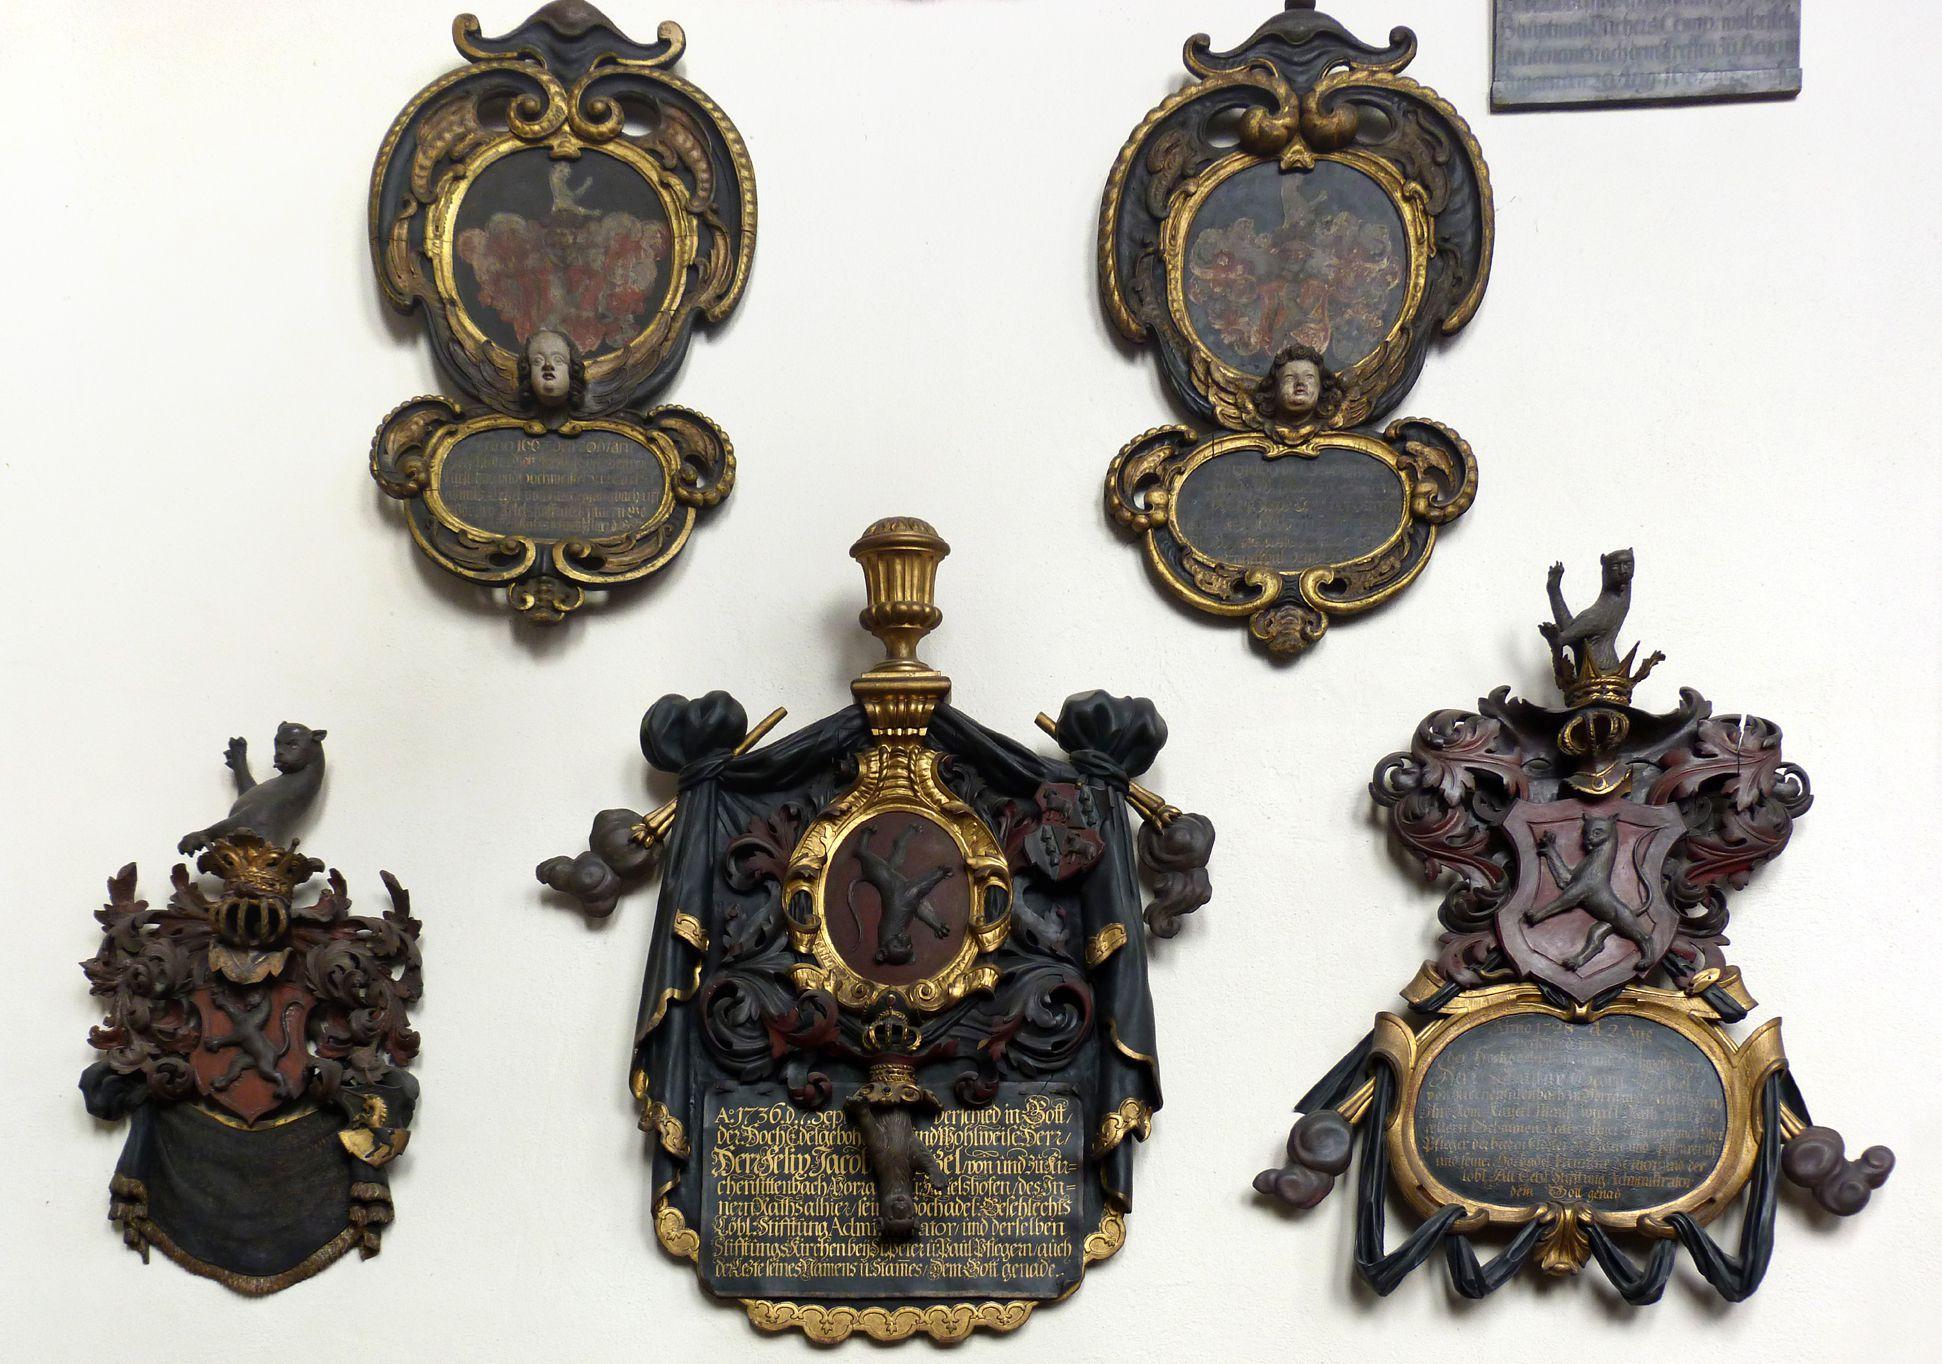 Tetzelkapelle Nordwand, barocke Totenschilde